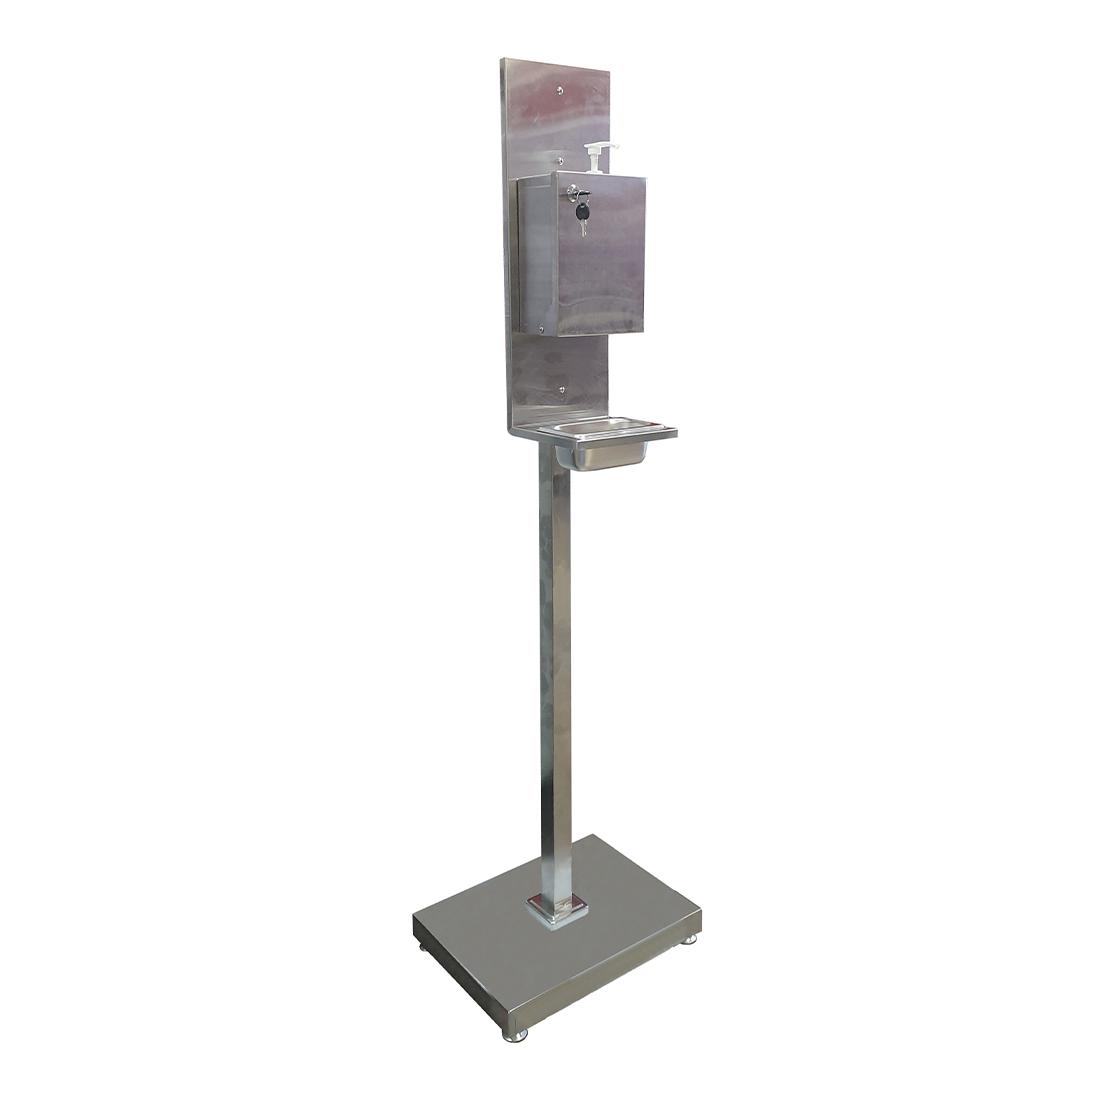 Hand Sanitiser Dispenser Stand DMN20-1